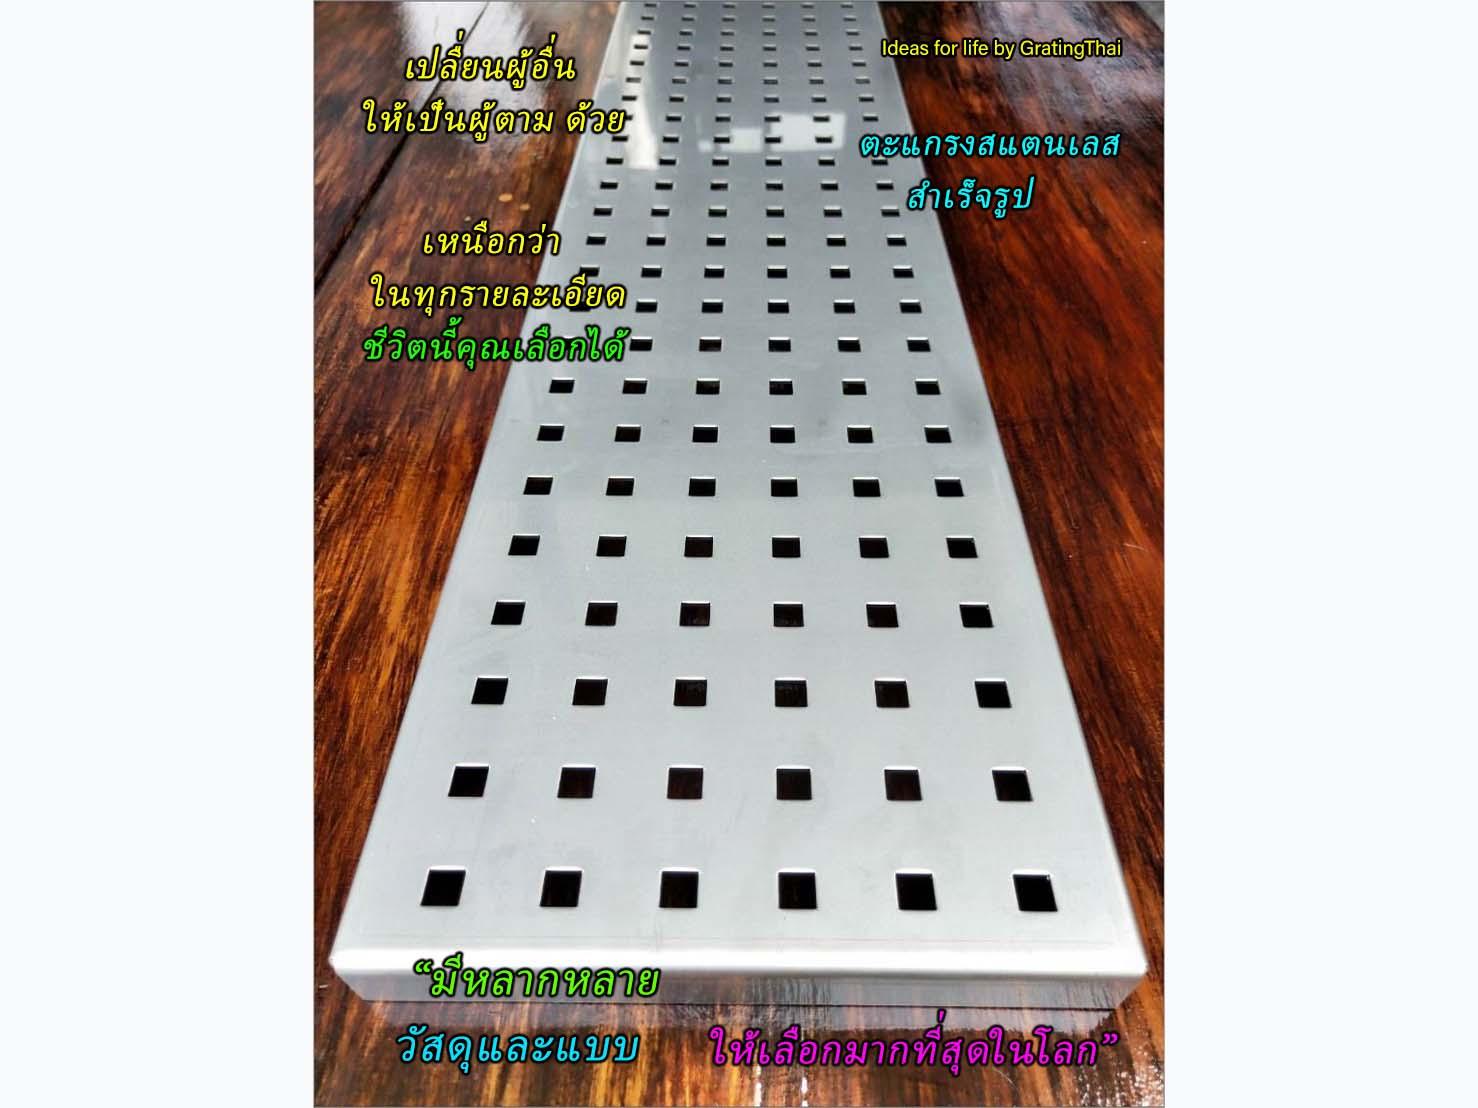 เหล็กฉีกแผ่นเจาะรู  Aluminium Expanded MetalGrating เกรตติ้งระบายน้ำตะแกรงเหล็ก